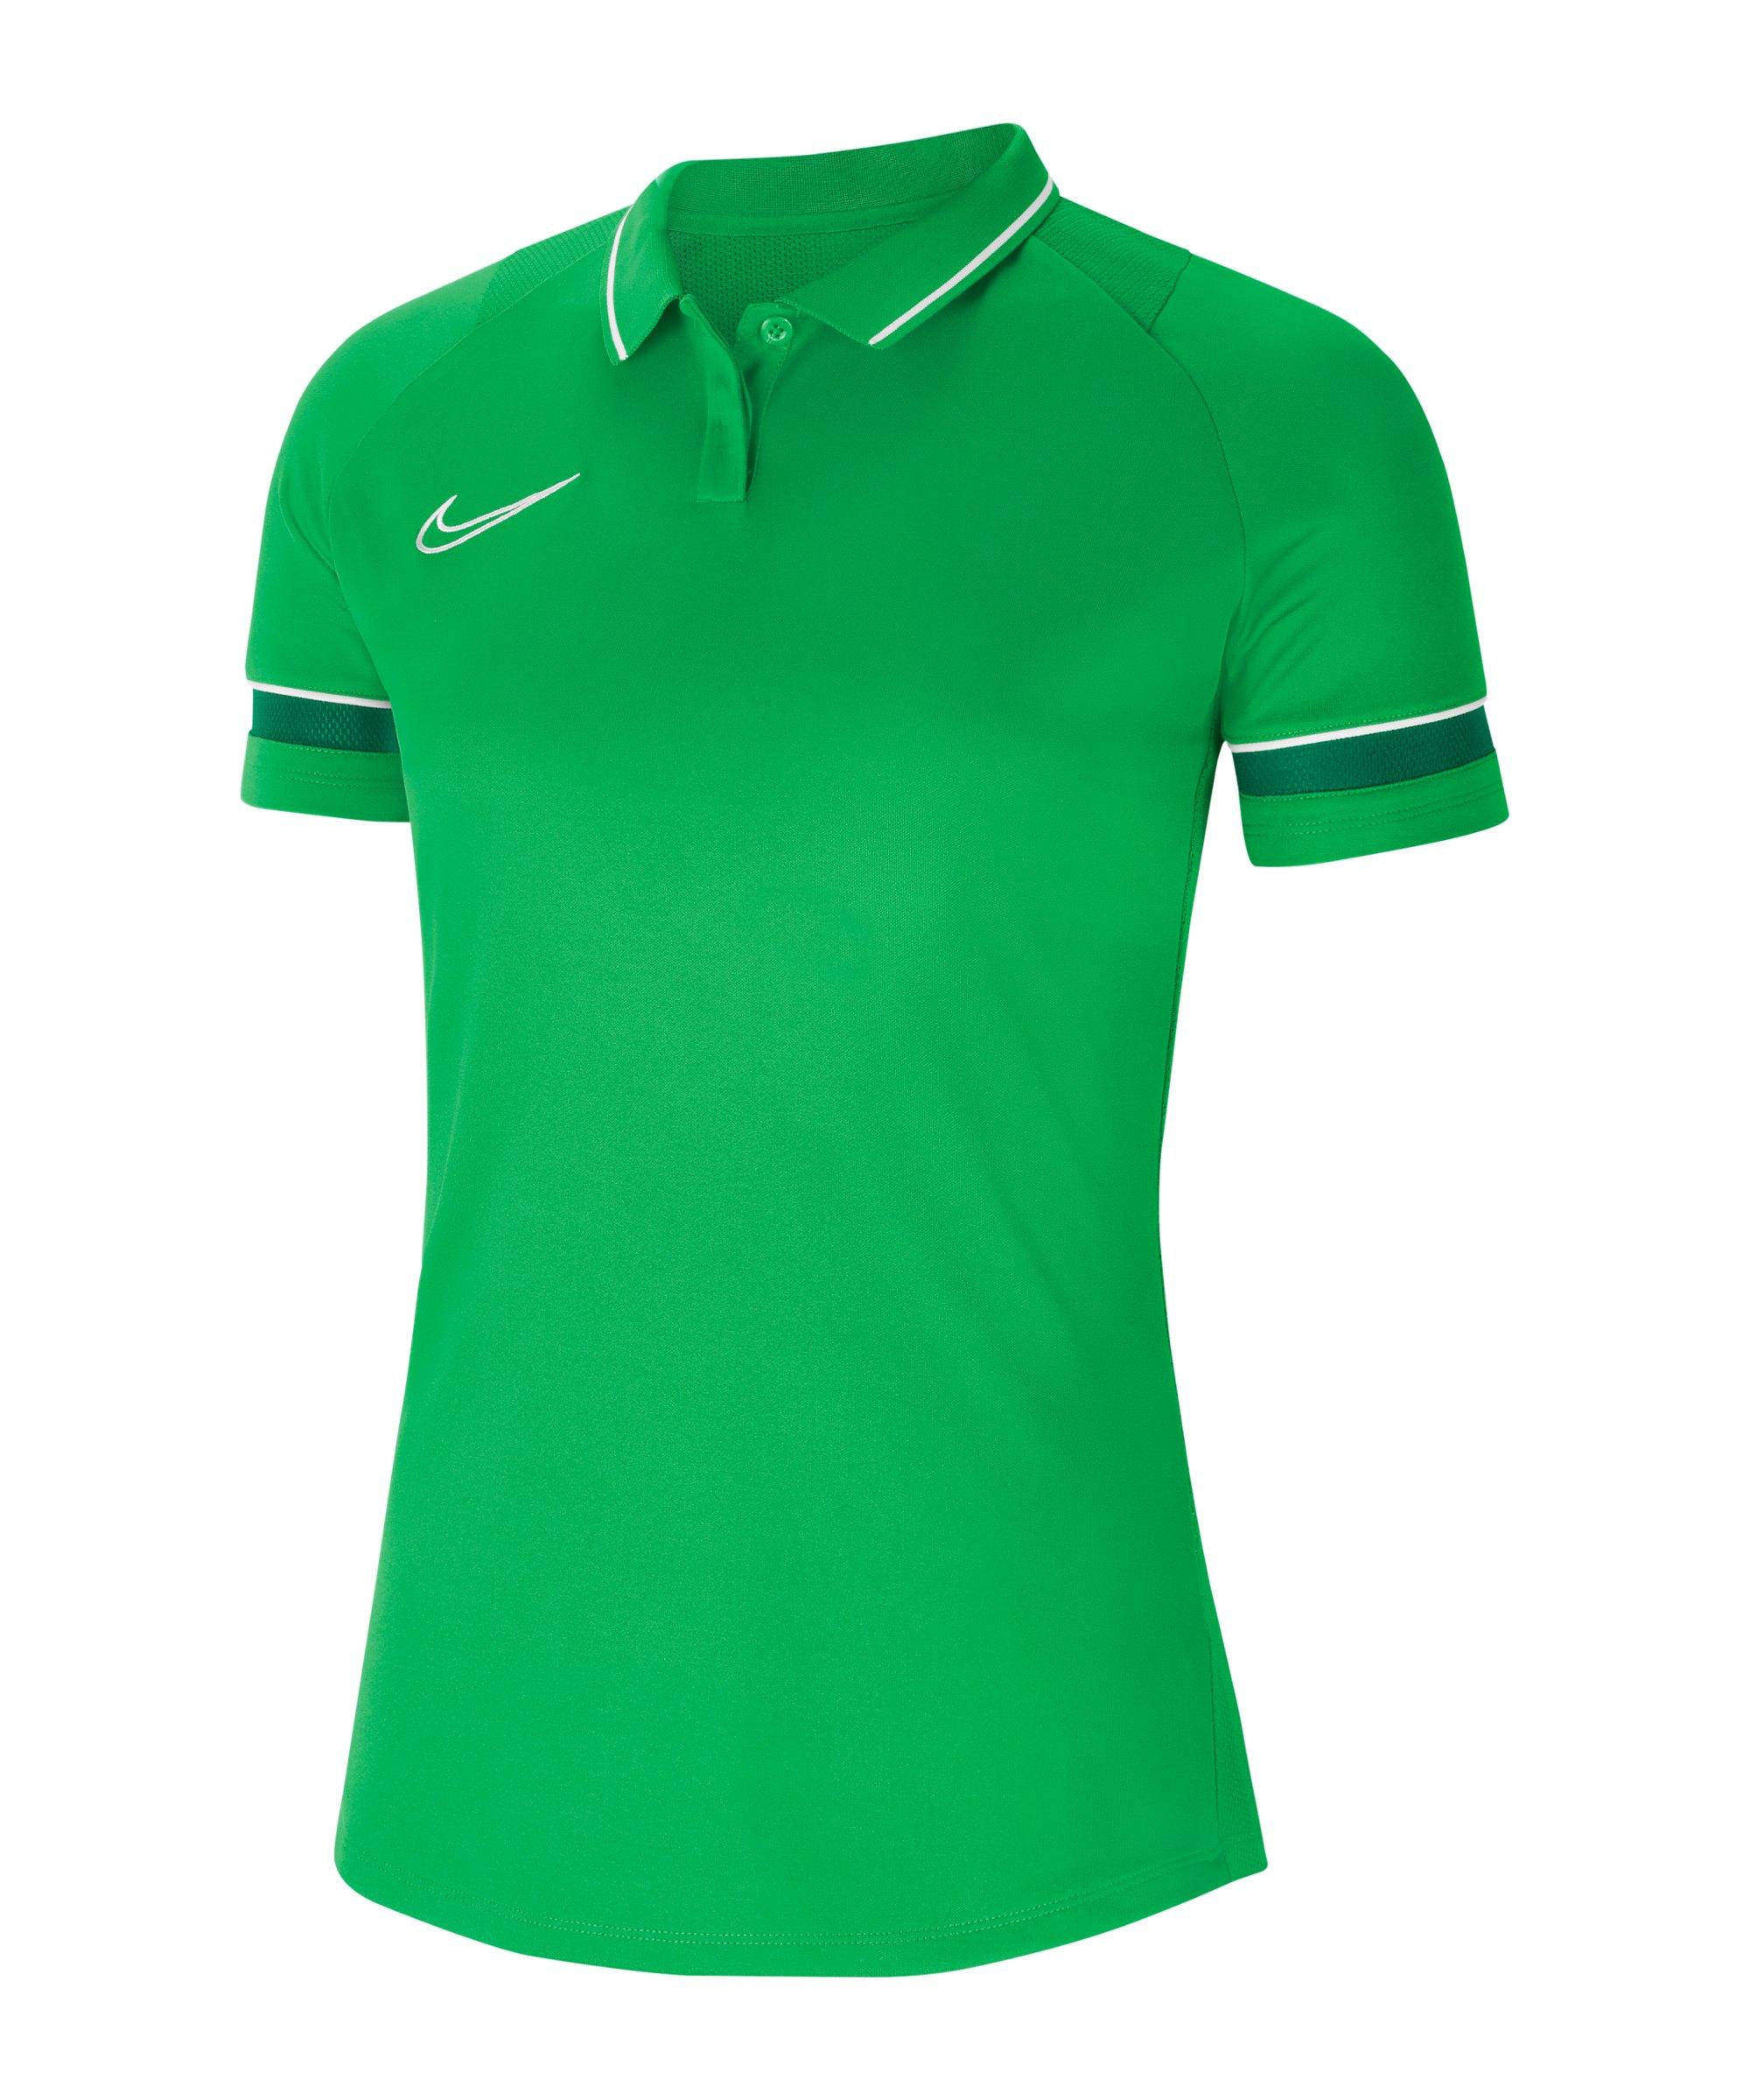 Nike Academy 21 Poloshirt Damen Grün Weiss F362 - gruen